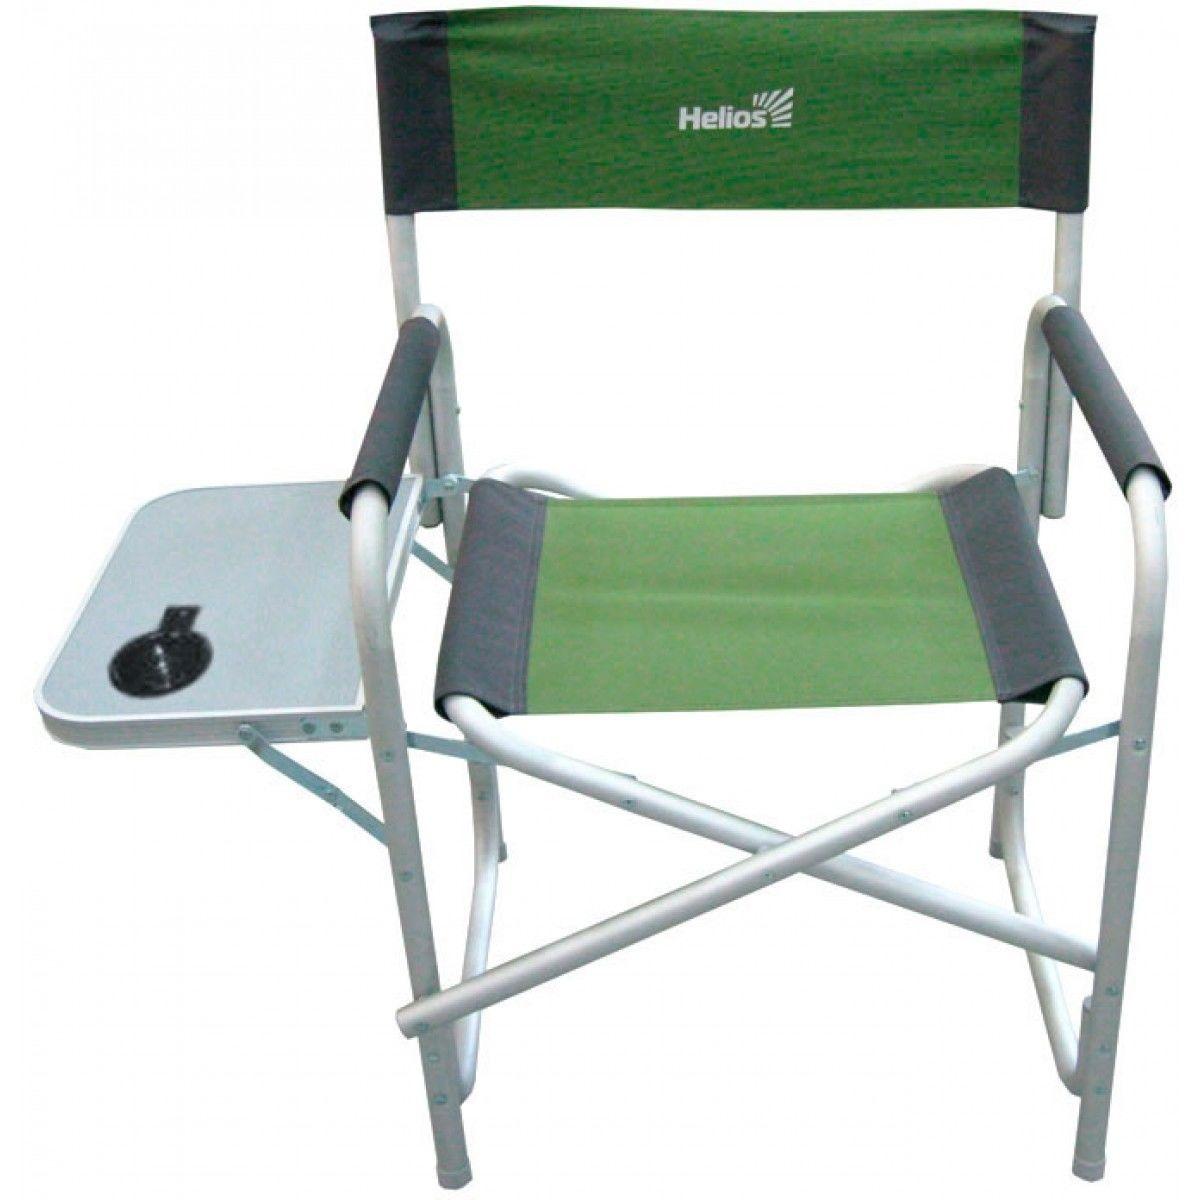 Кресло директорское с отк.стол. серый/зеленый (Т-HS-DC-95200T-GG) Helios (пр-во ГК Тонар)